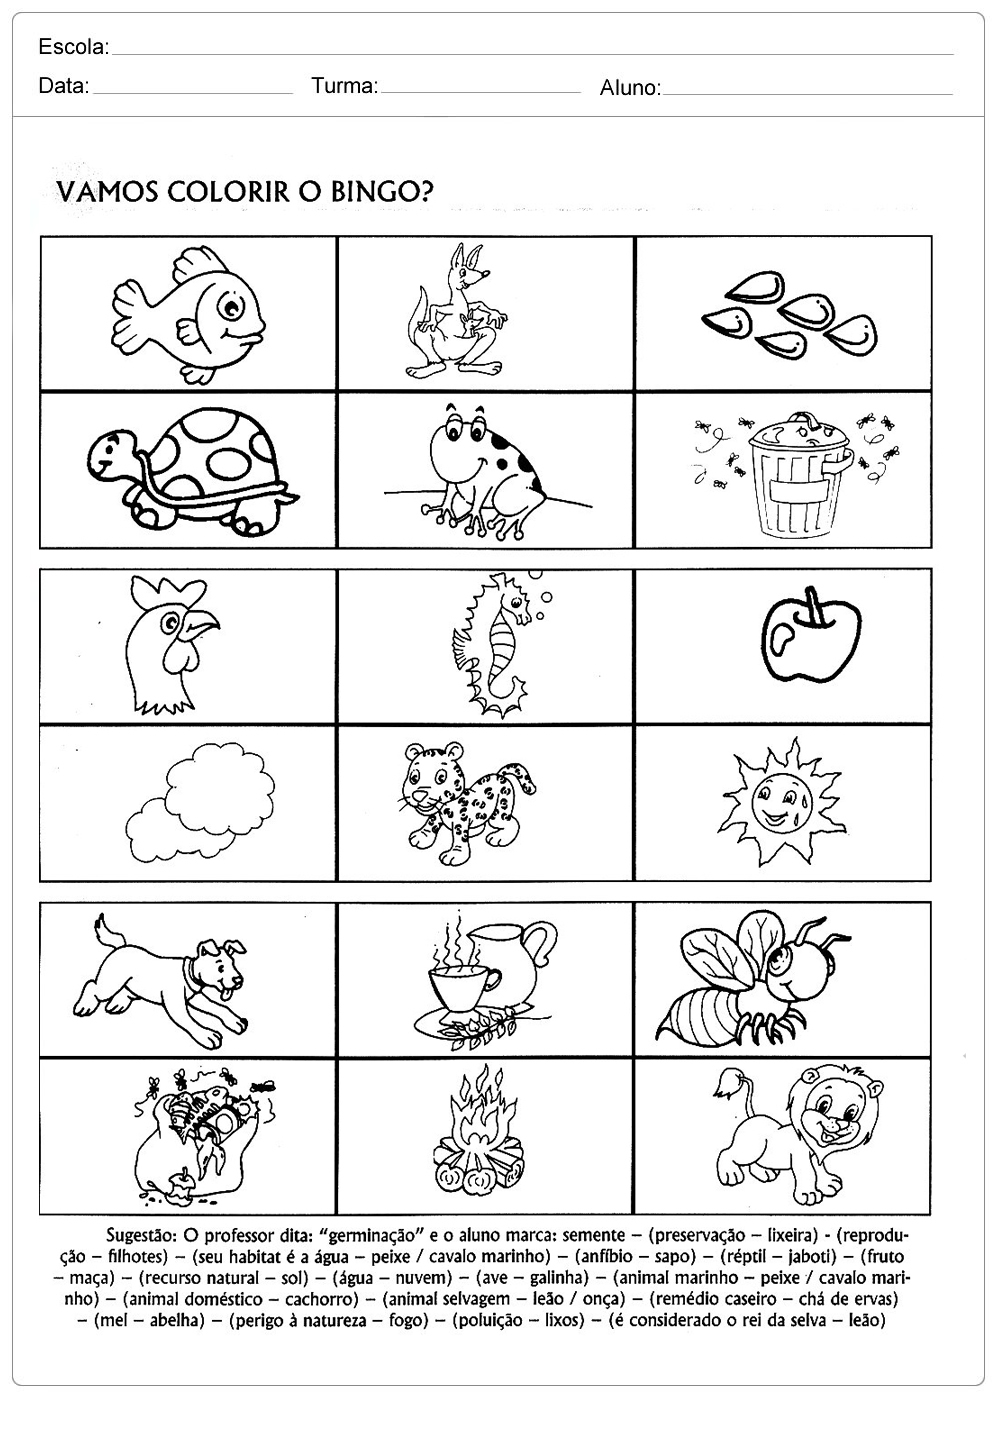 Atividades sobre meio ambiente para educação infantil – Bingo